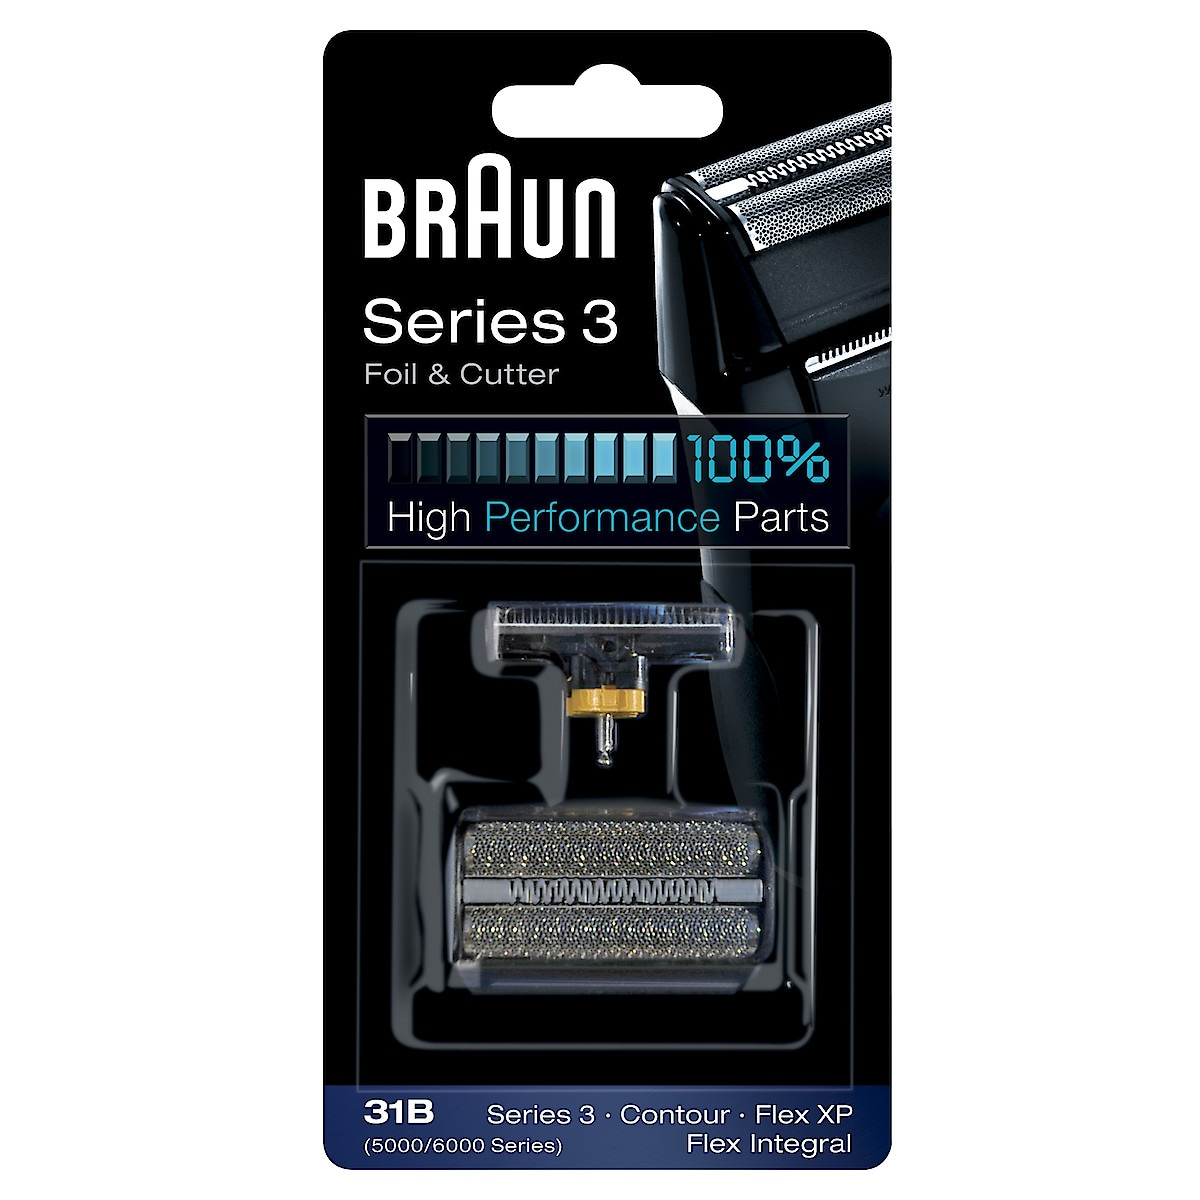 Vaihtoteräsarja 31B Braun-parranajokoneisiin